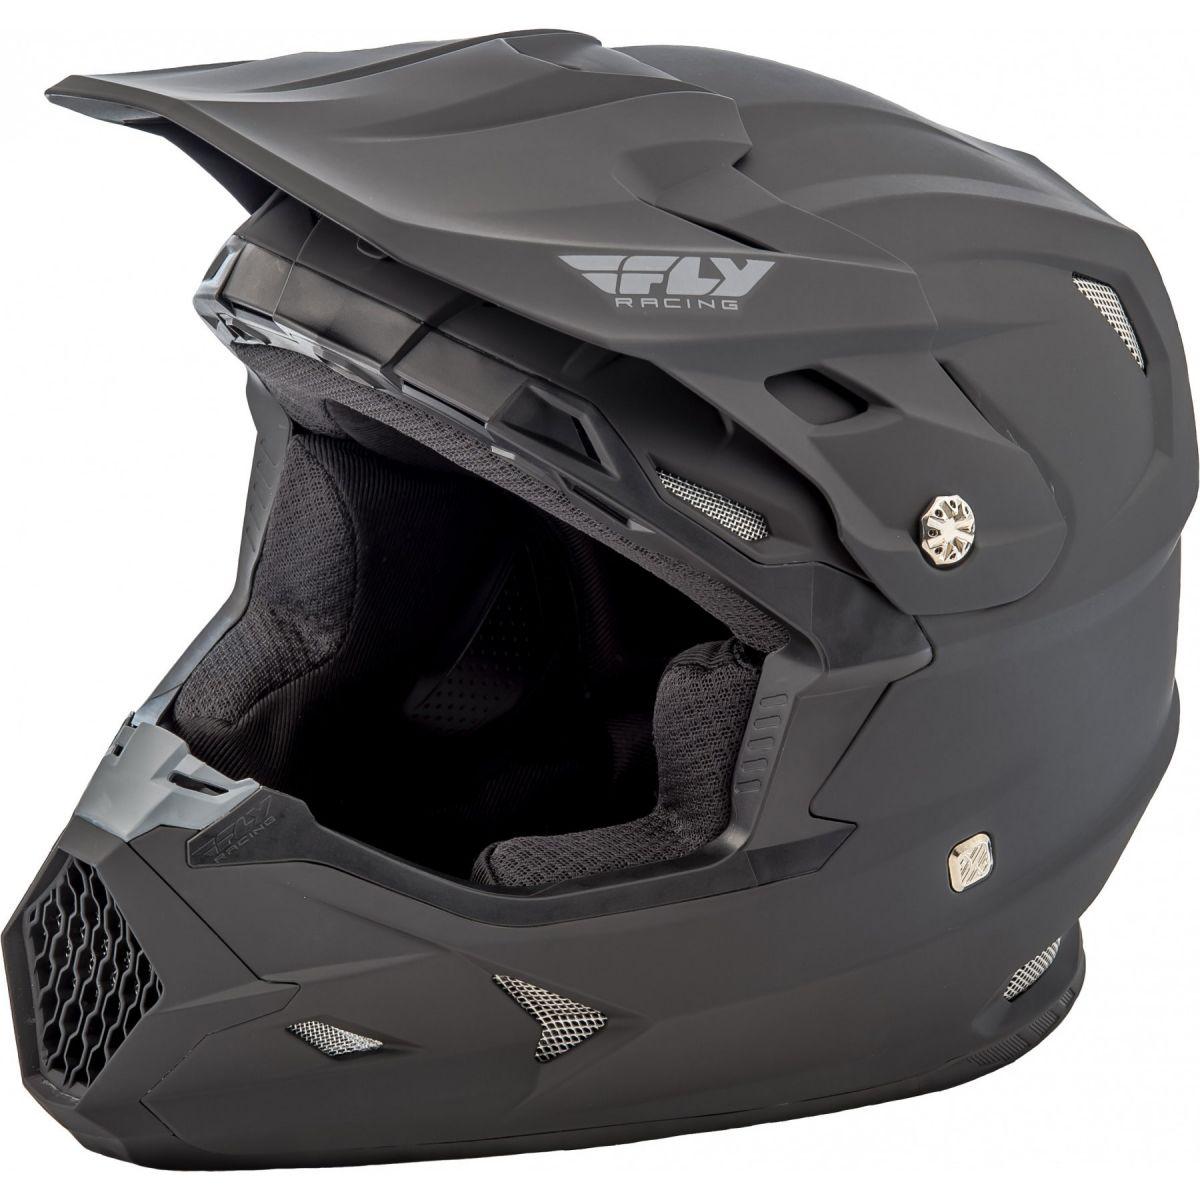 Fly Racing - 2020 Toxin Mips Solid шлем, черный матовый